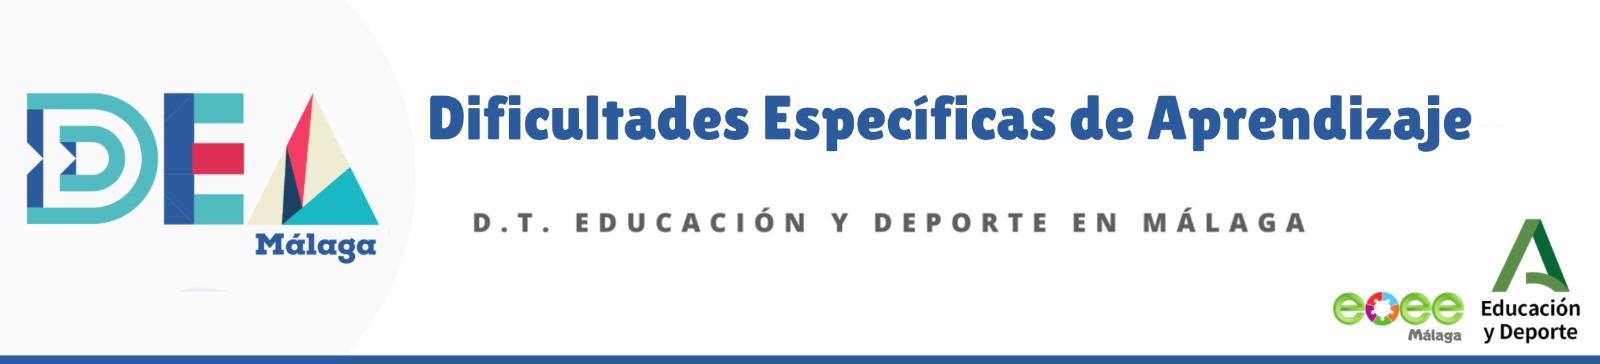 DIFICULTADES ESPECÍFICAS DE APRENDIZAJE